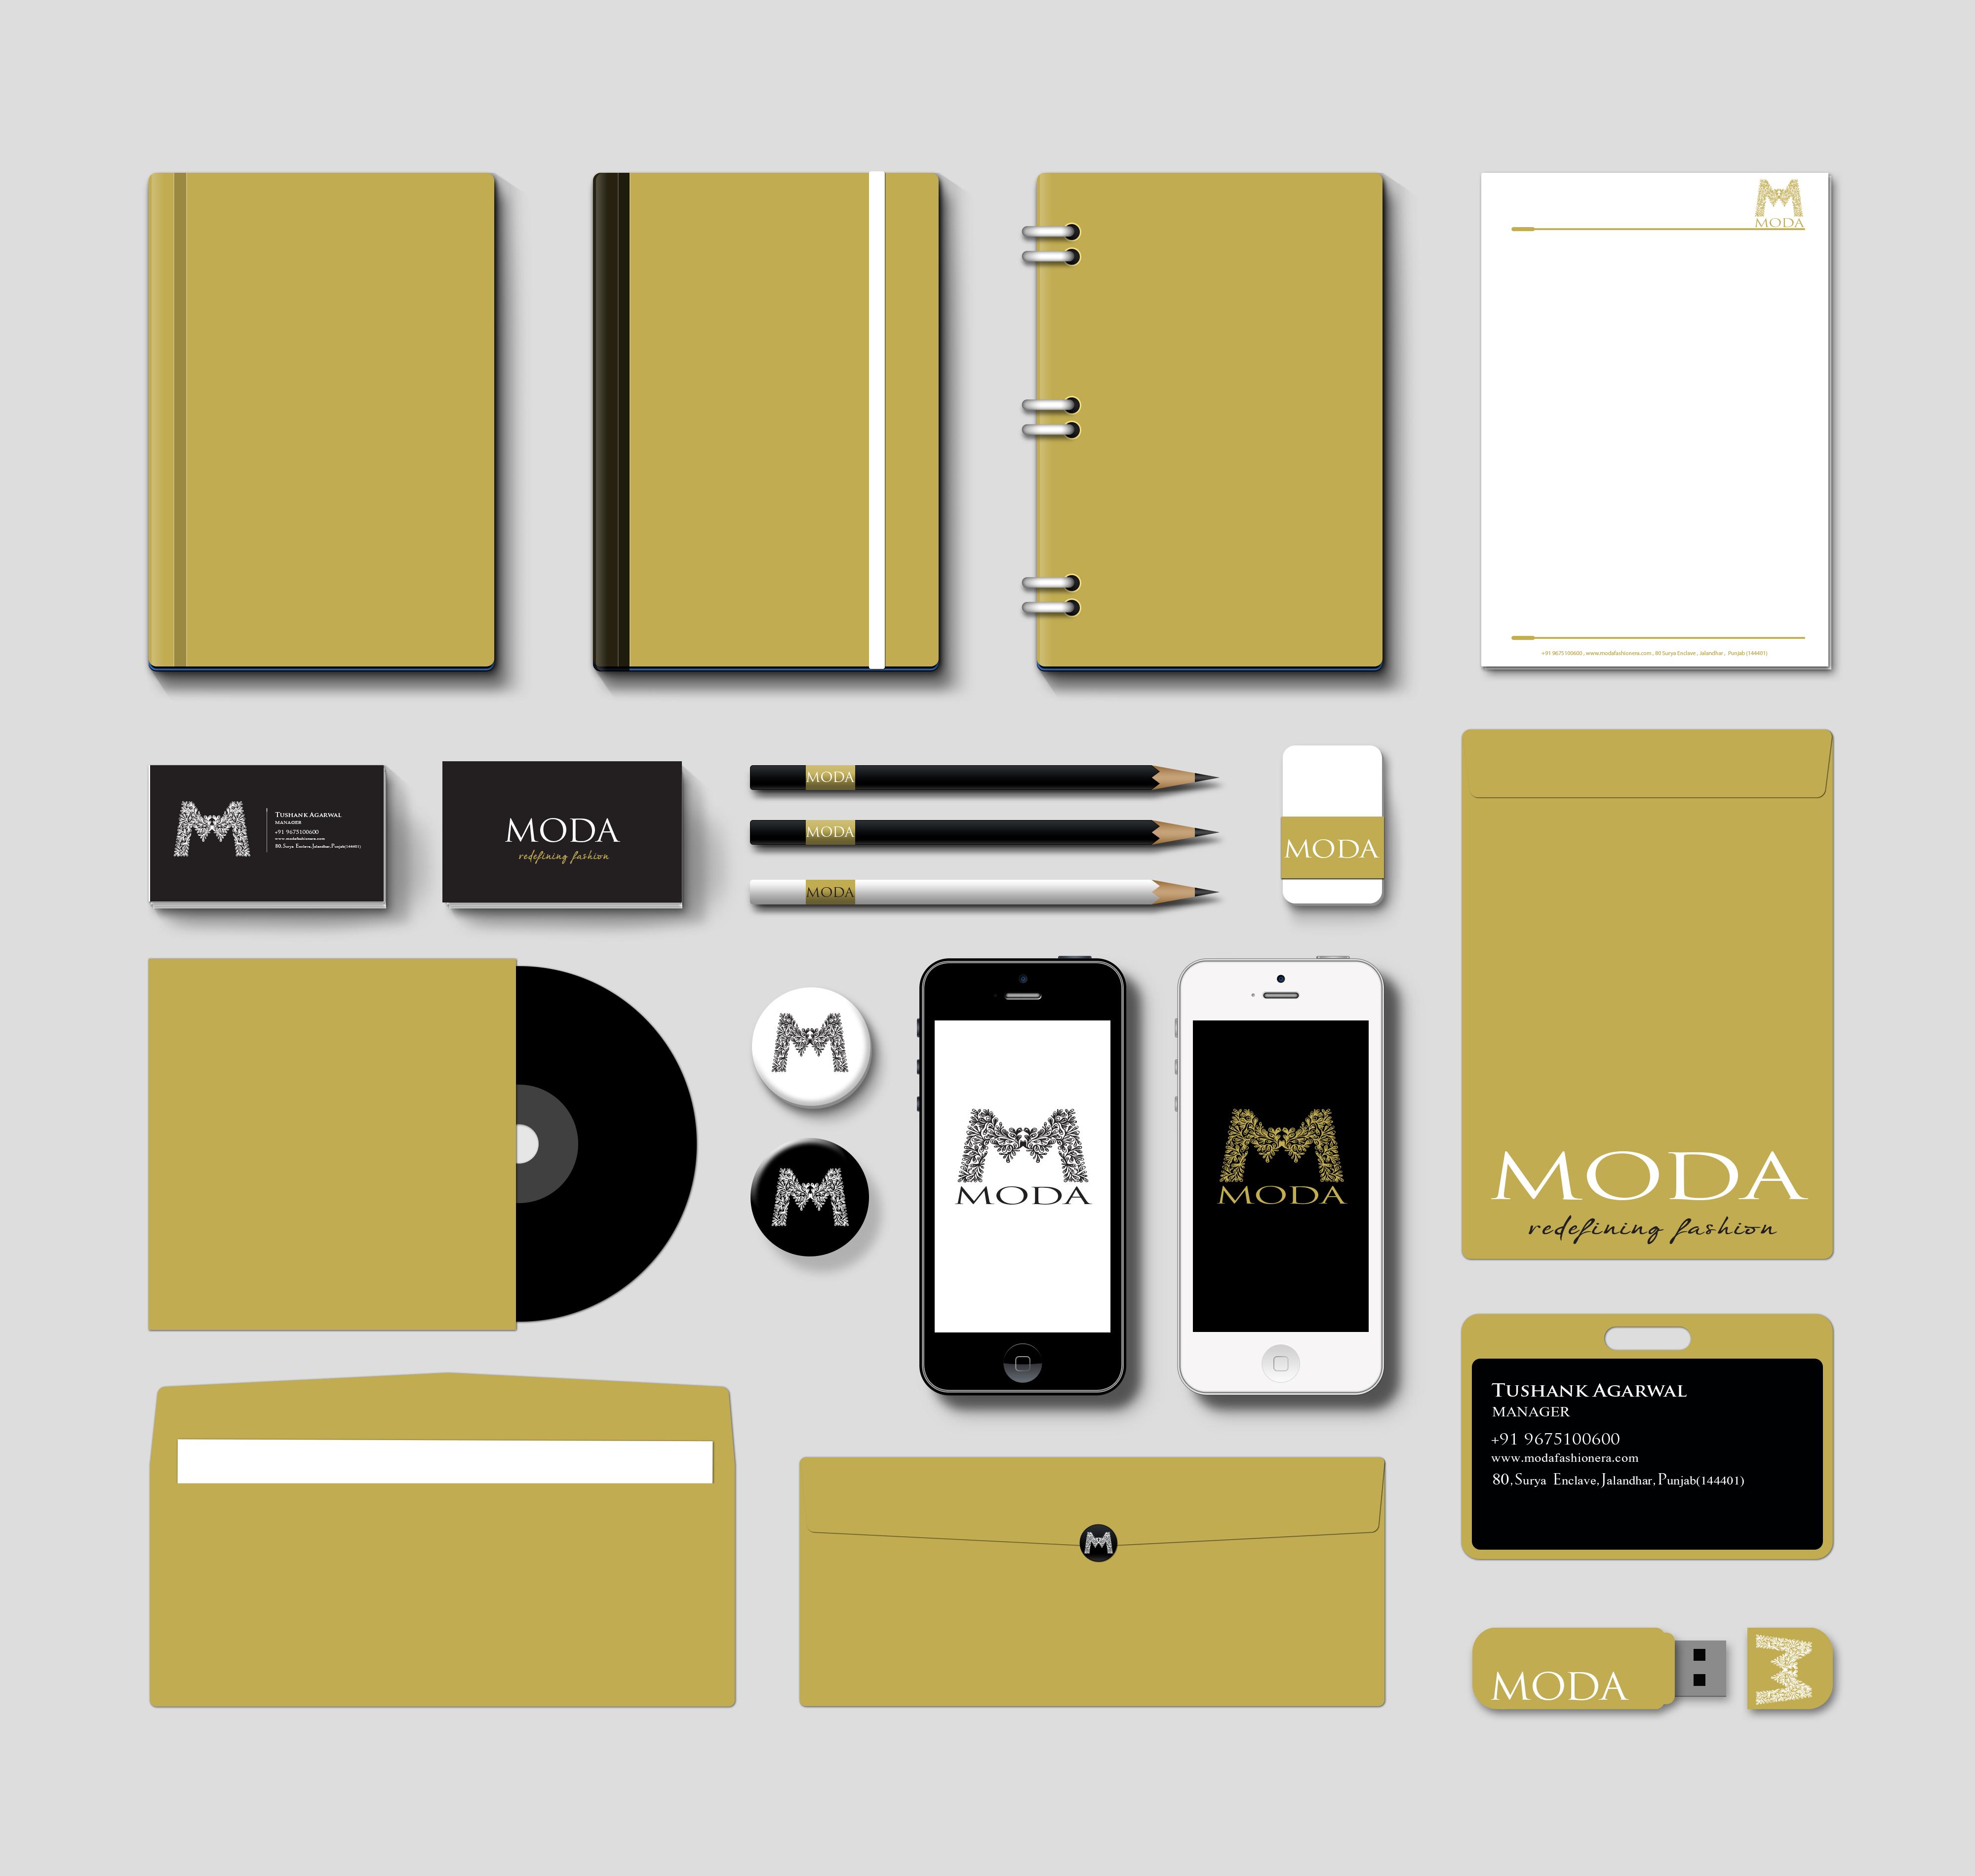 corporate-branding-mockup-vol-1.png